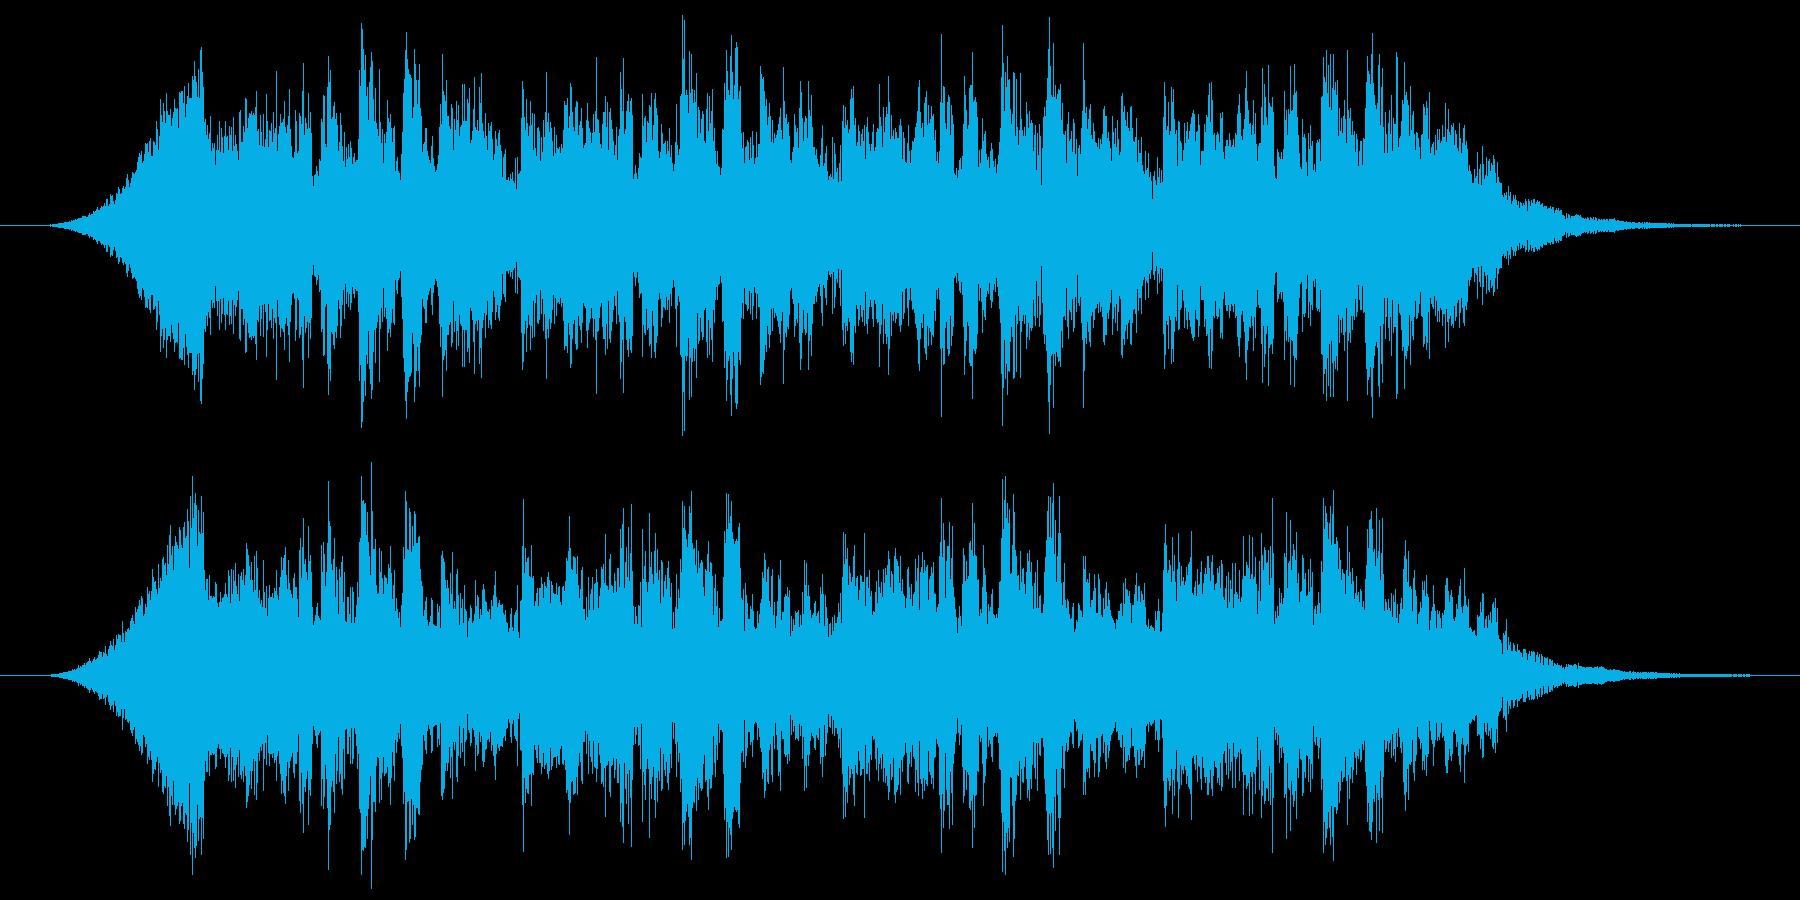 悪の組織の化学施設のBGM的なジングルの再生済みの波形